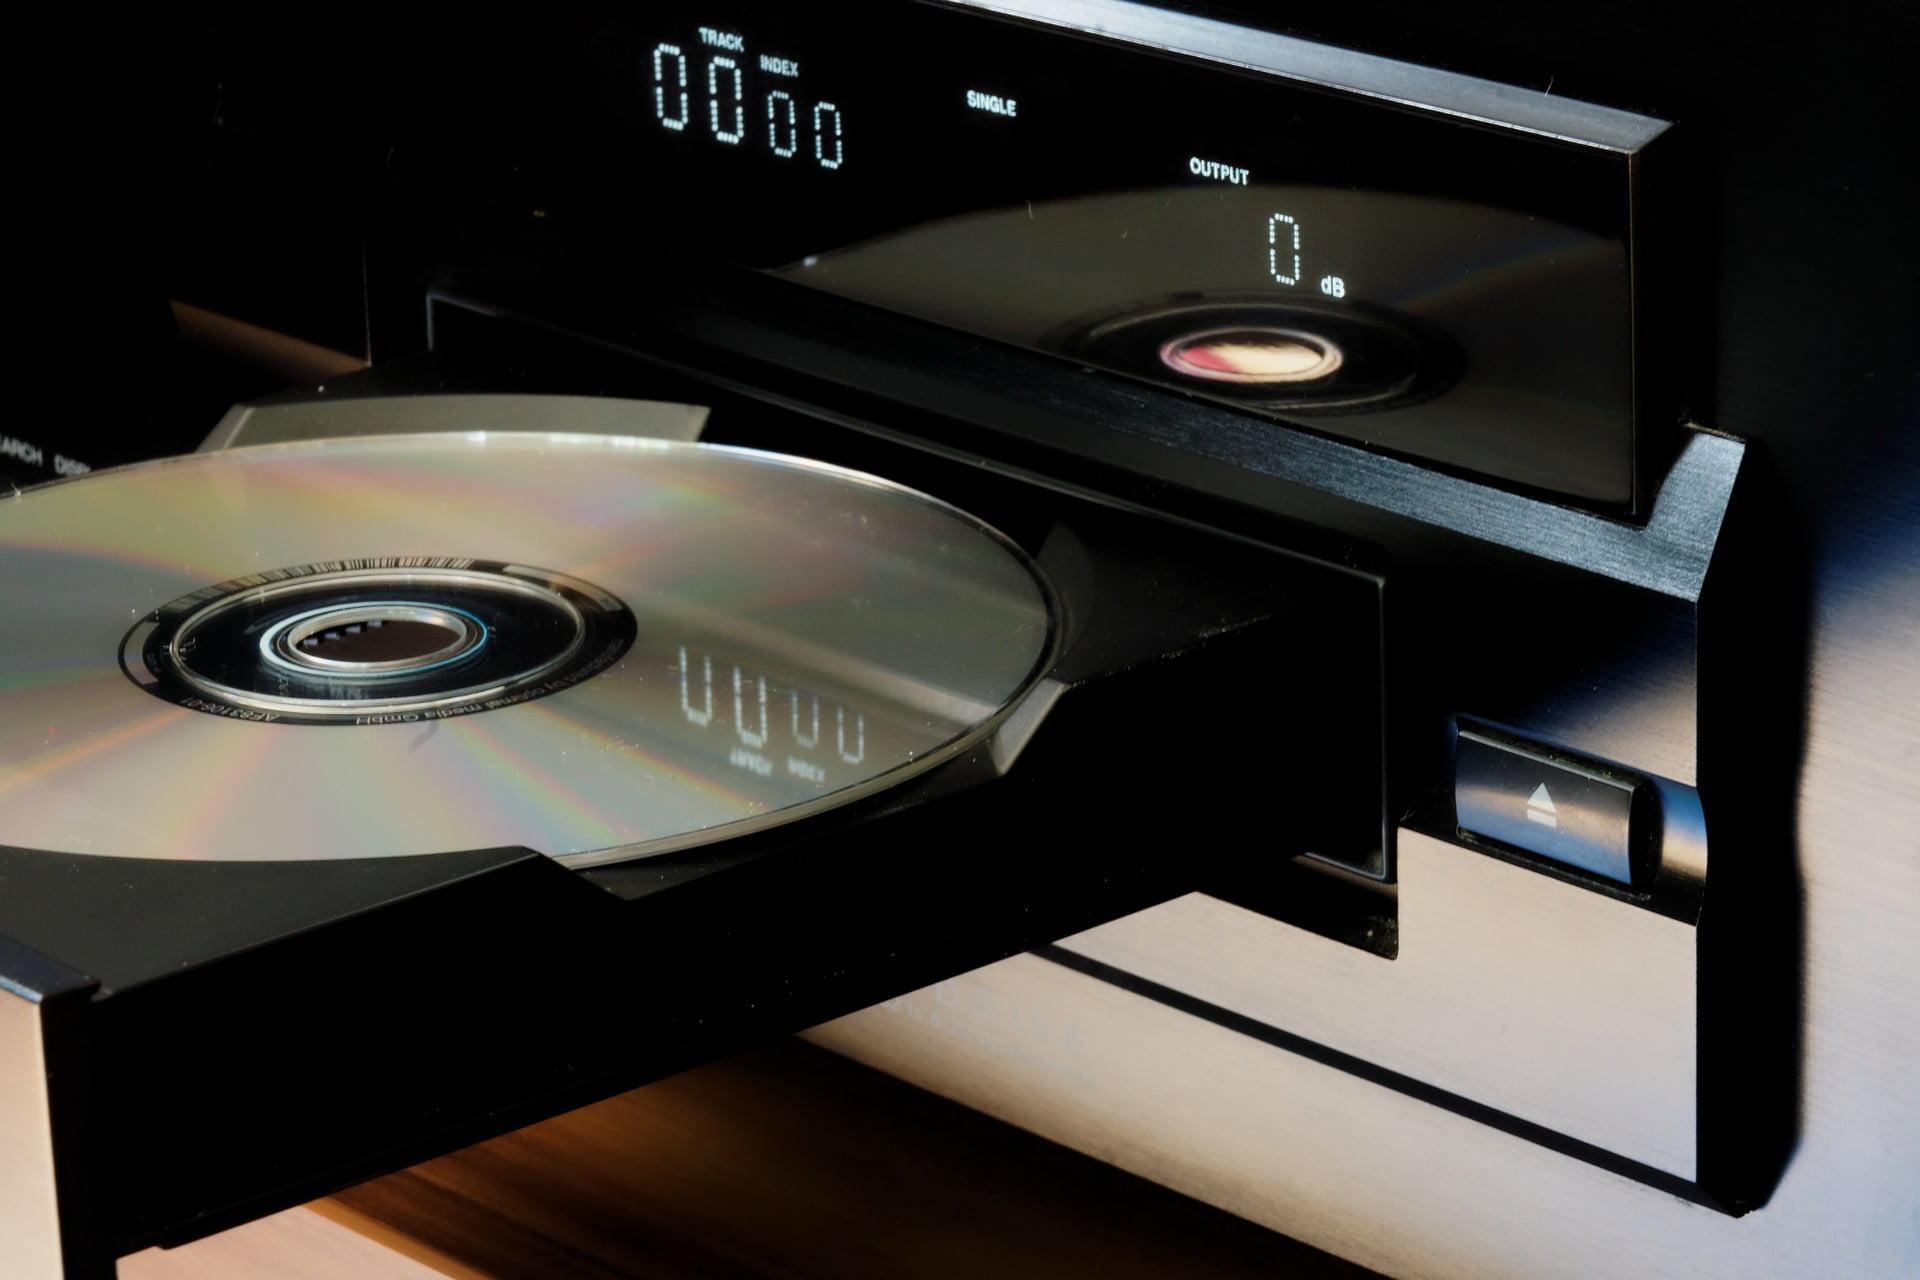 cd-864402_1920 Pourquoi ne peut-on graver que 80 minutes de musique sur un CD, même en mp3 ?